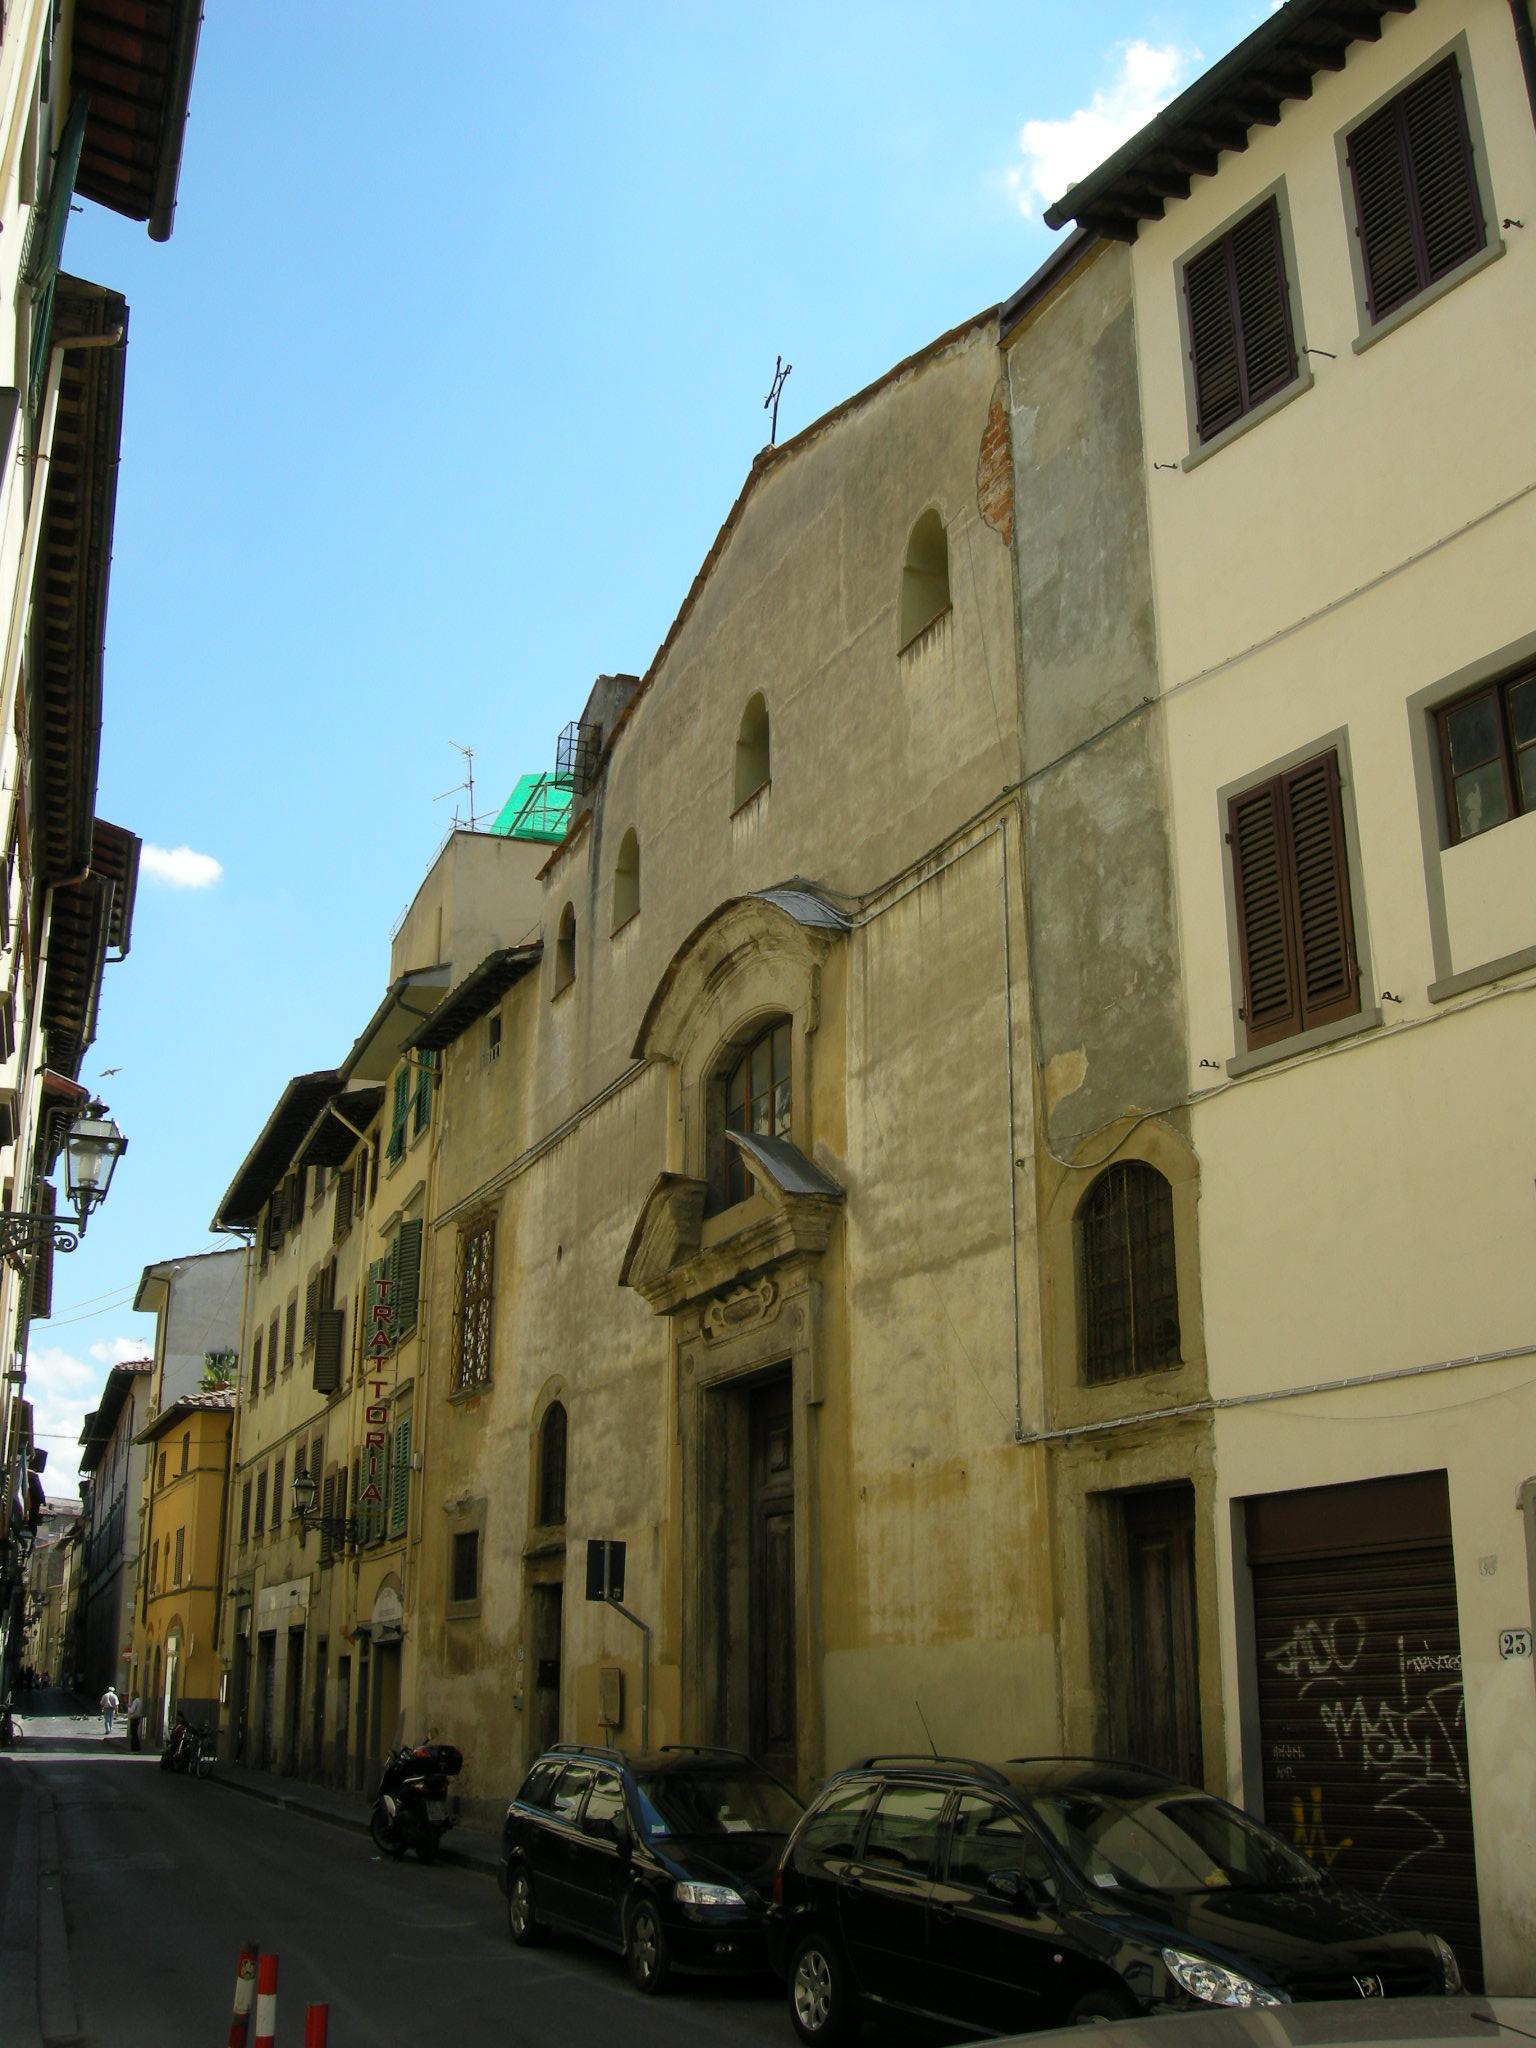 Oratorio_dei_vanchetoni_111602-04.jpg